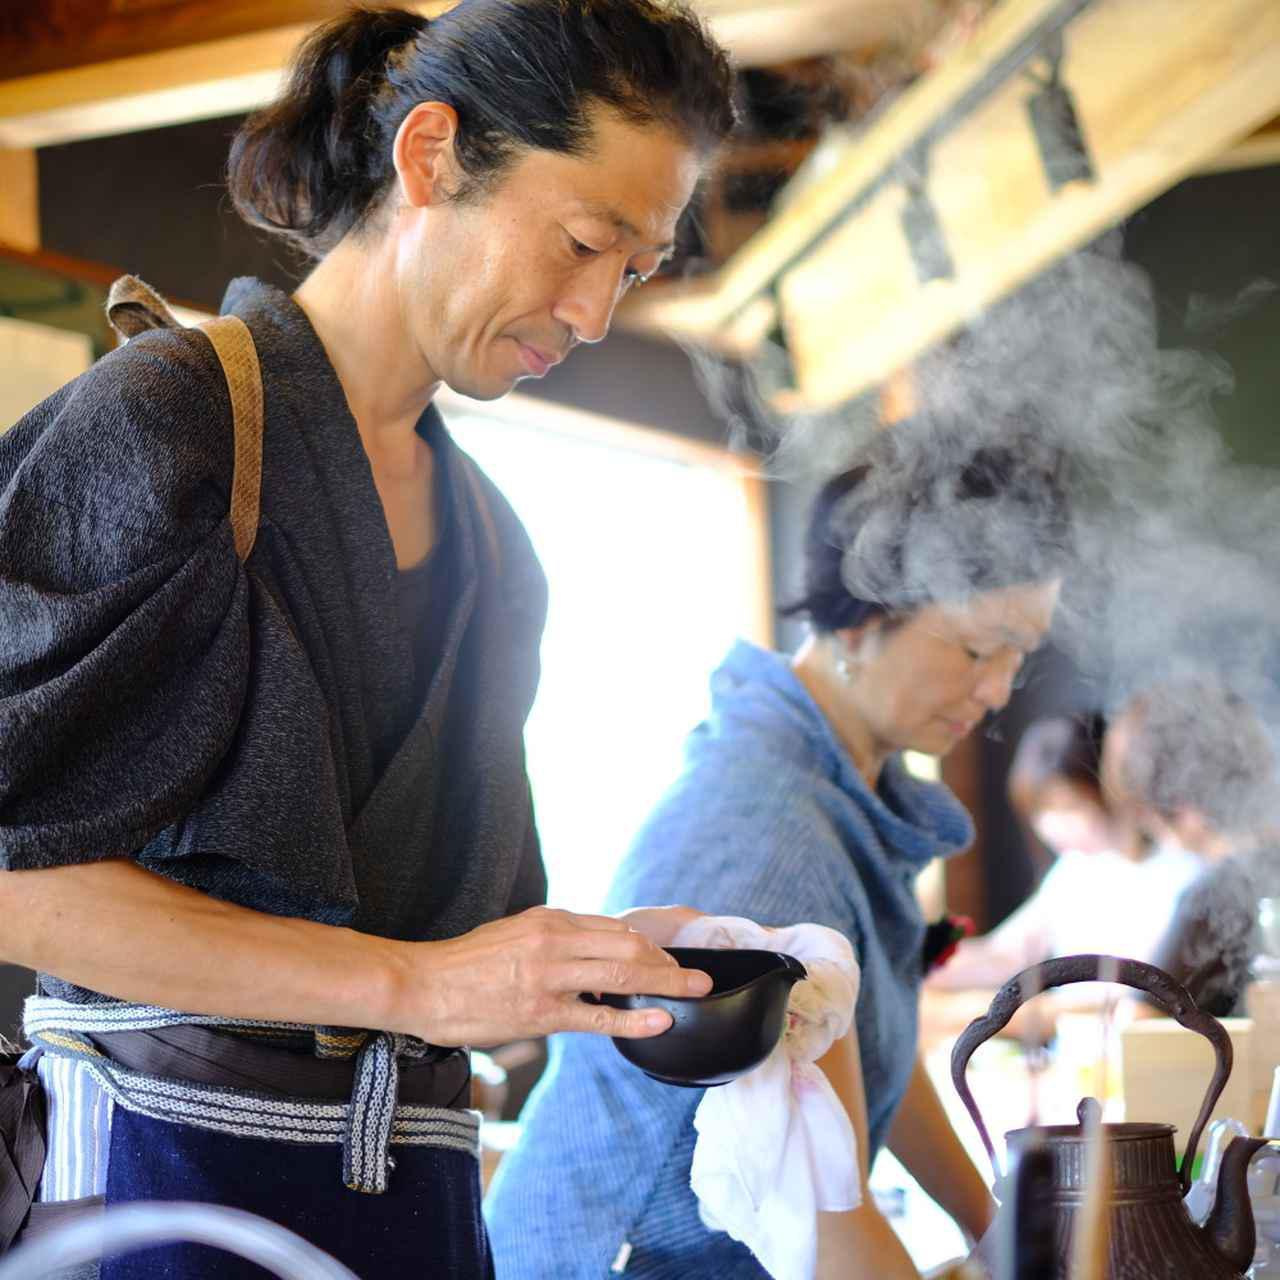 画像: 学校の先生をしていたという平中さんが、奥様と一緒に営まれているお茶カフェ。取り扱うお茶は全て自分で買い付けるというこだわりようで、日本茶に限らず台湾烏龍茶や韓国のコーン茶などもメニューにあります。